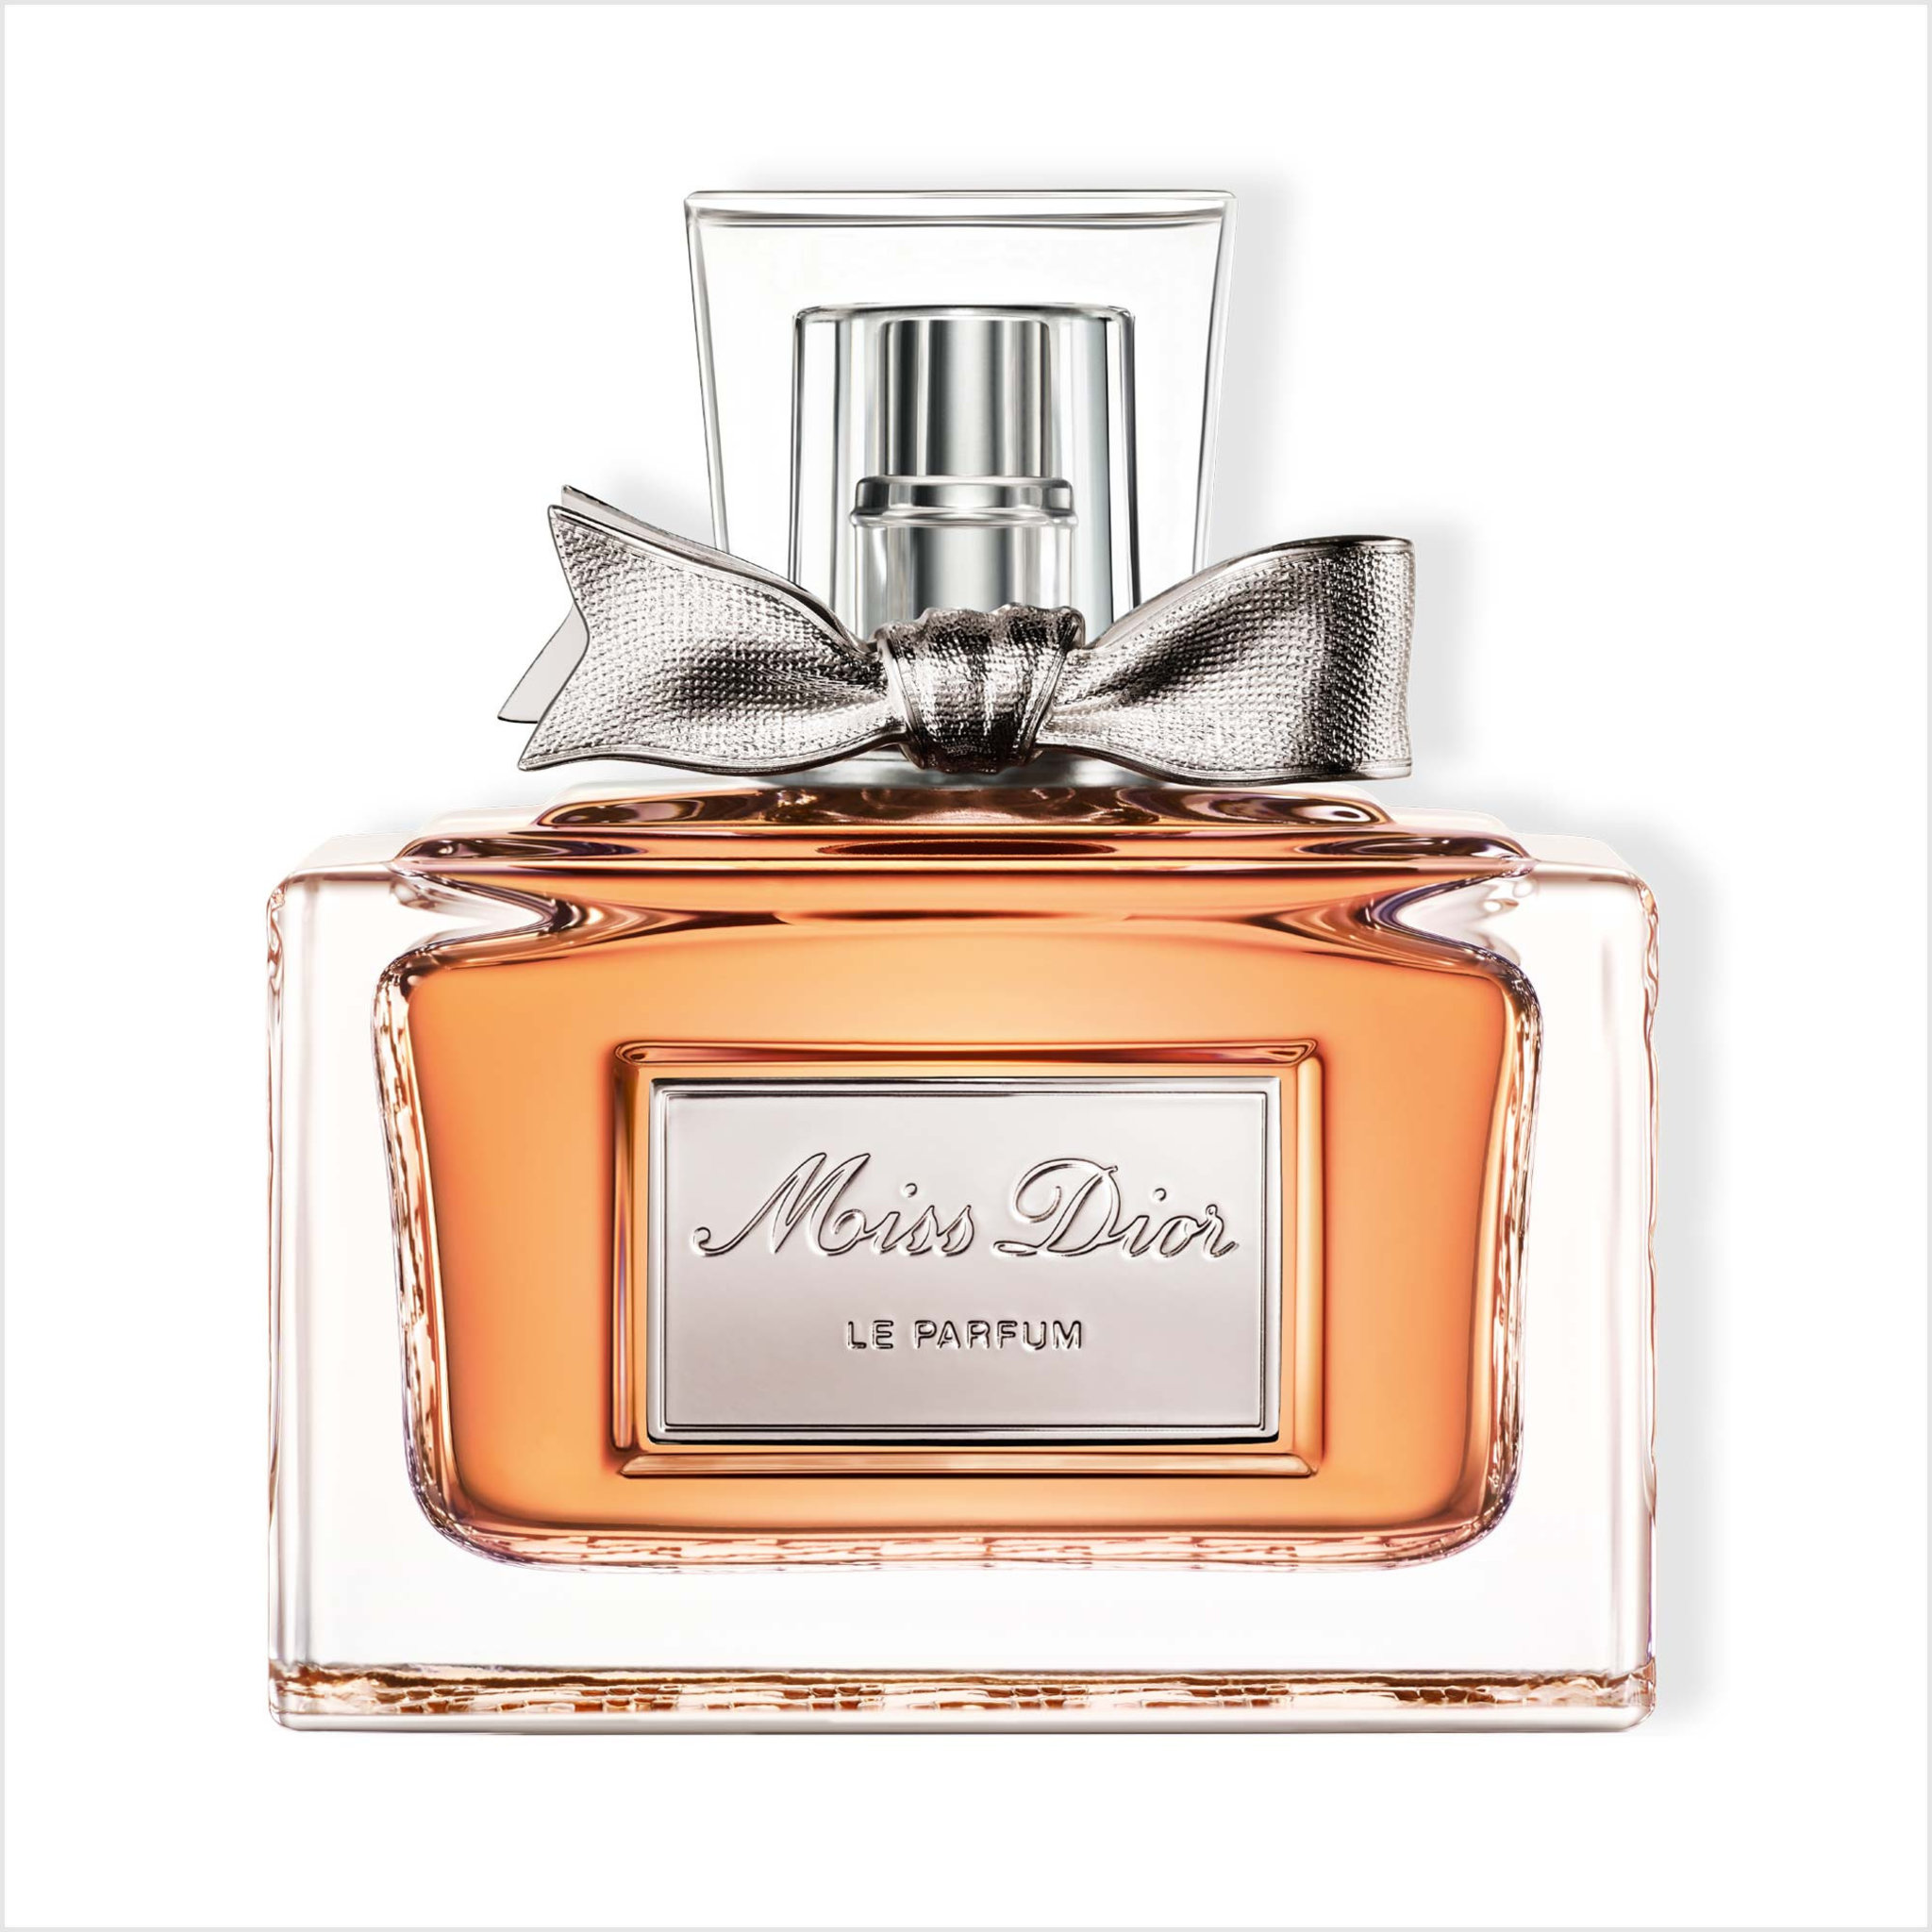 Miss Dior Le Parfum Eau de Parfum